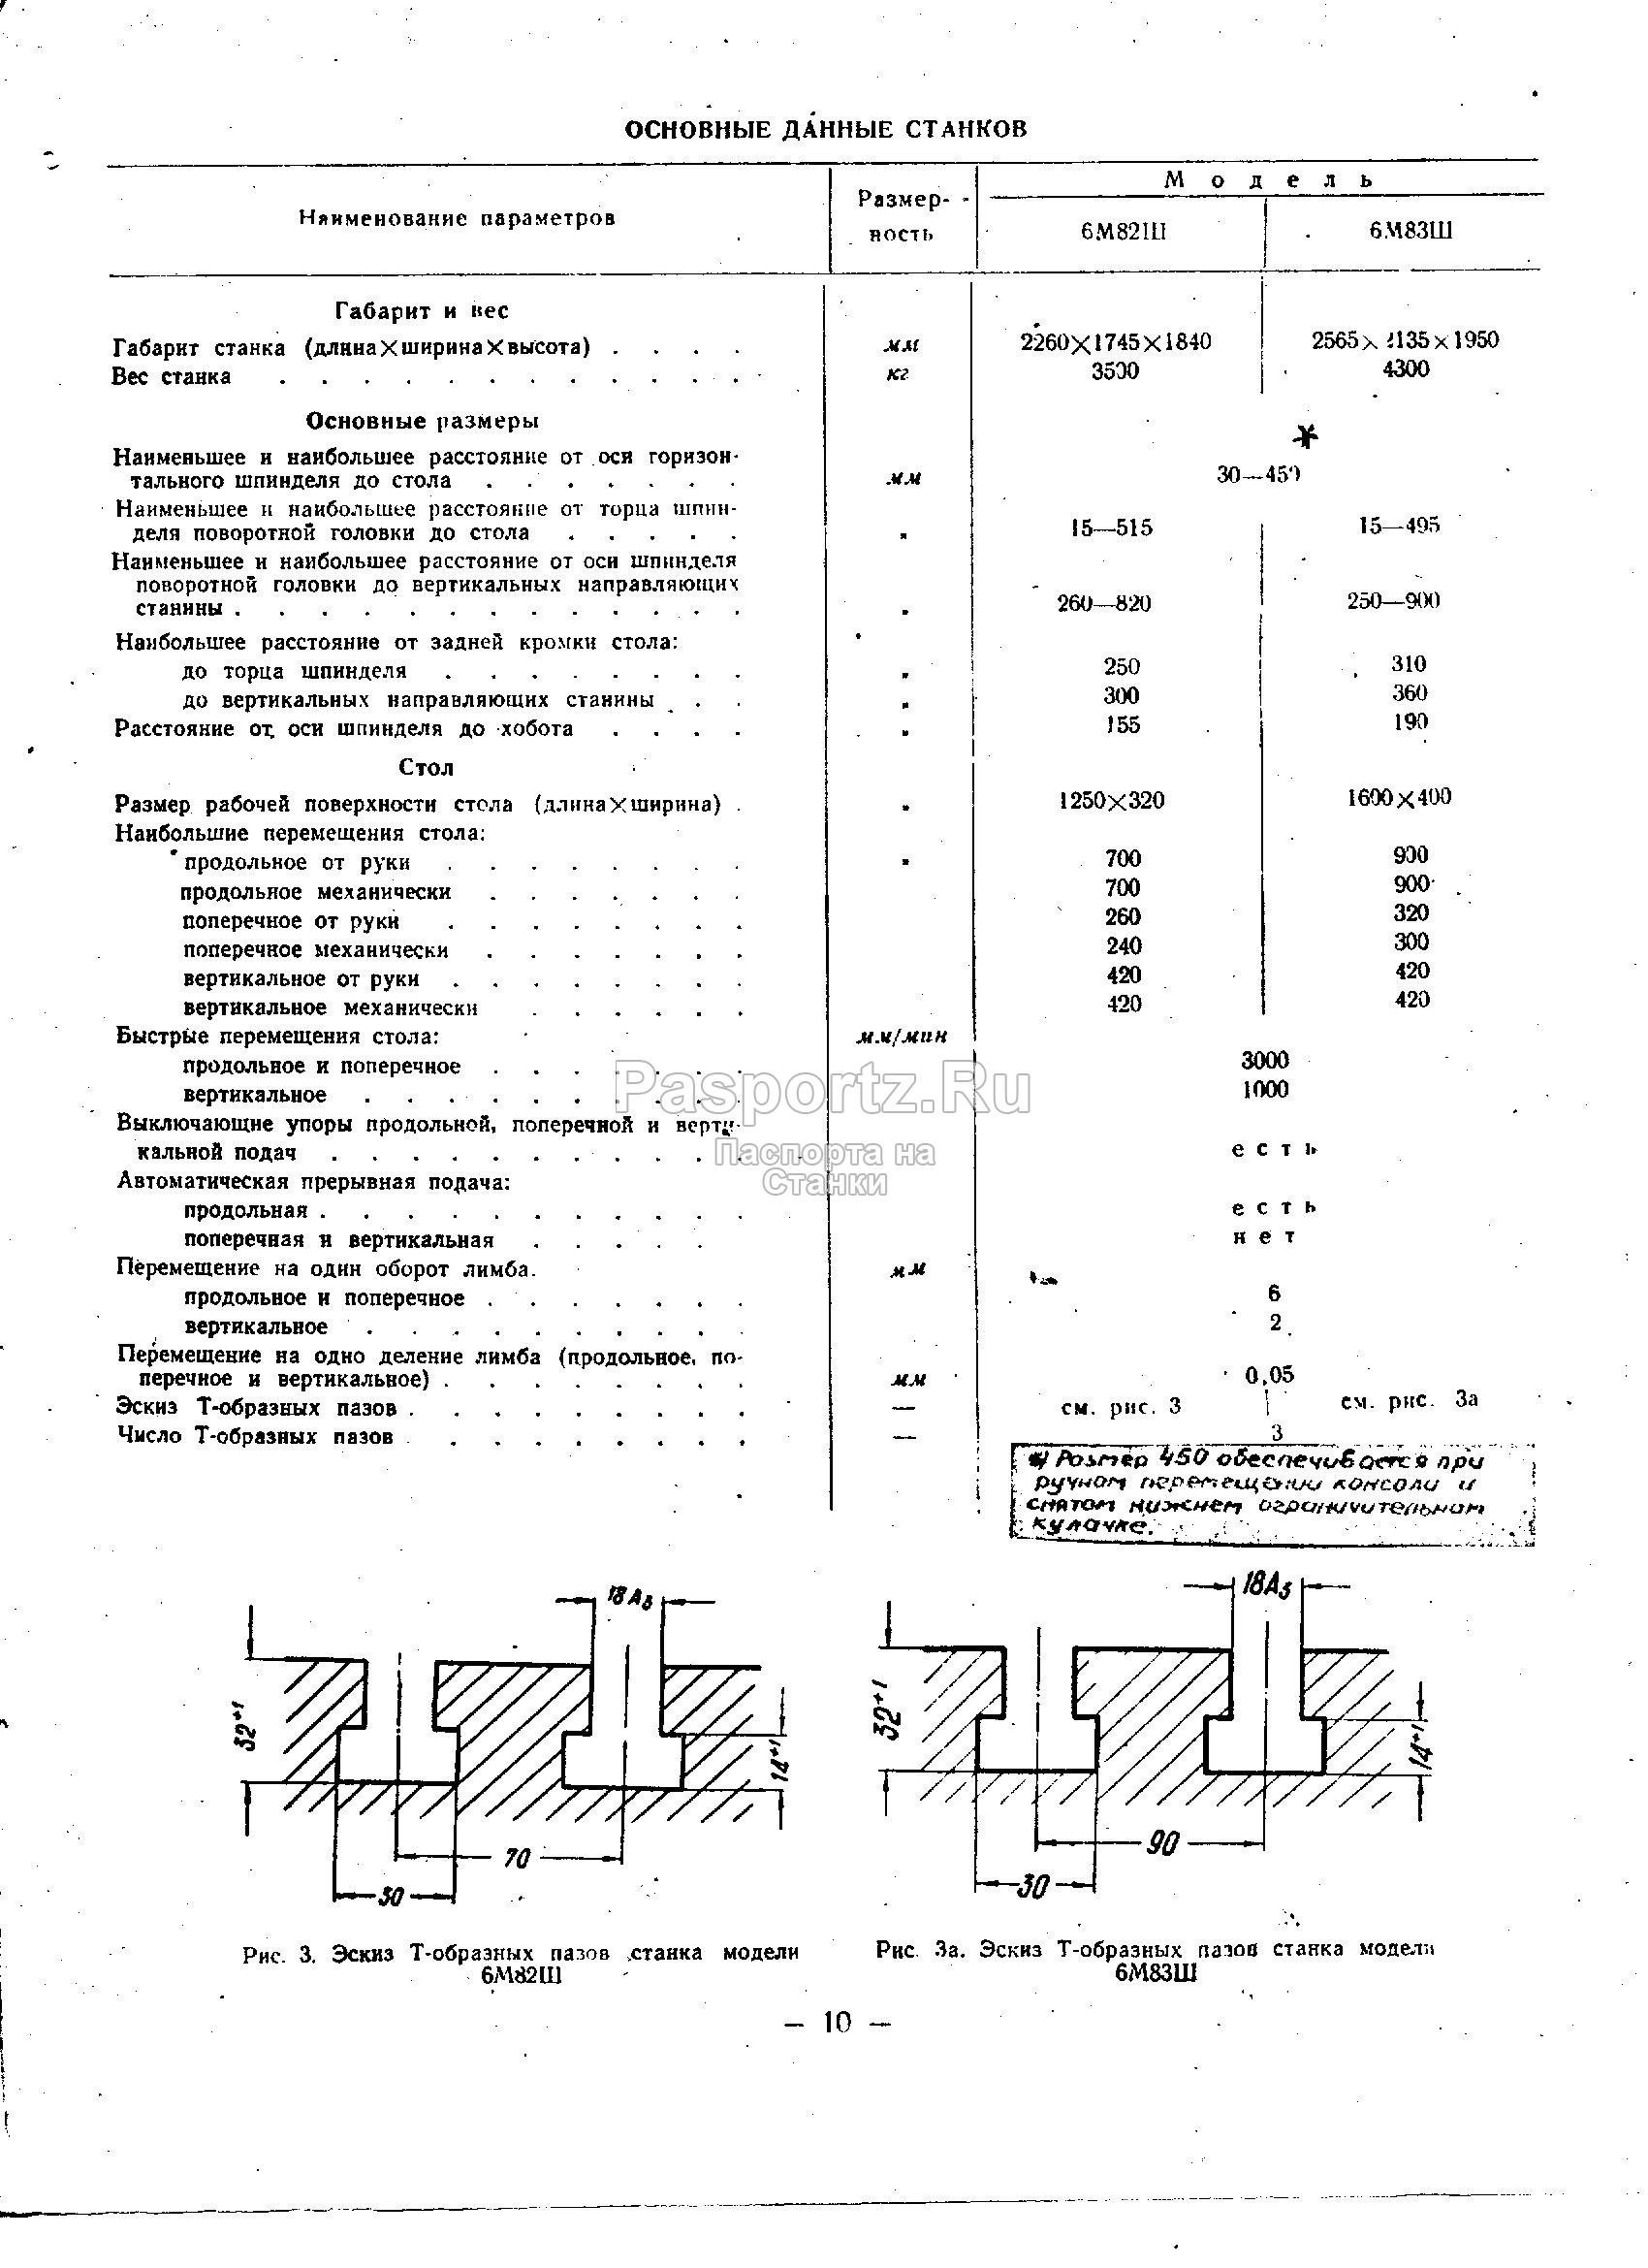 Электрическая схема фрезерного станка 6м82ш| Обозначения ...: http://gerden.sytes.net/2013/05/e-lektricheskaya-shema-frezernogo-stanka-6m82sh/